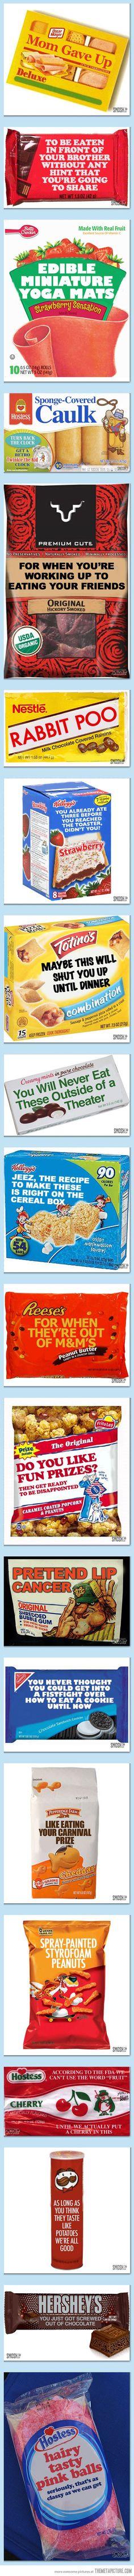 funny-famous-snacks-brands-logos.jpg (500×9630)